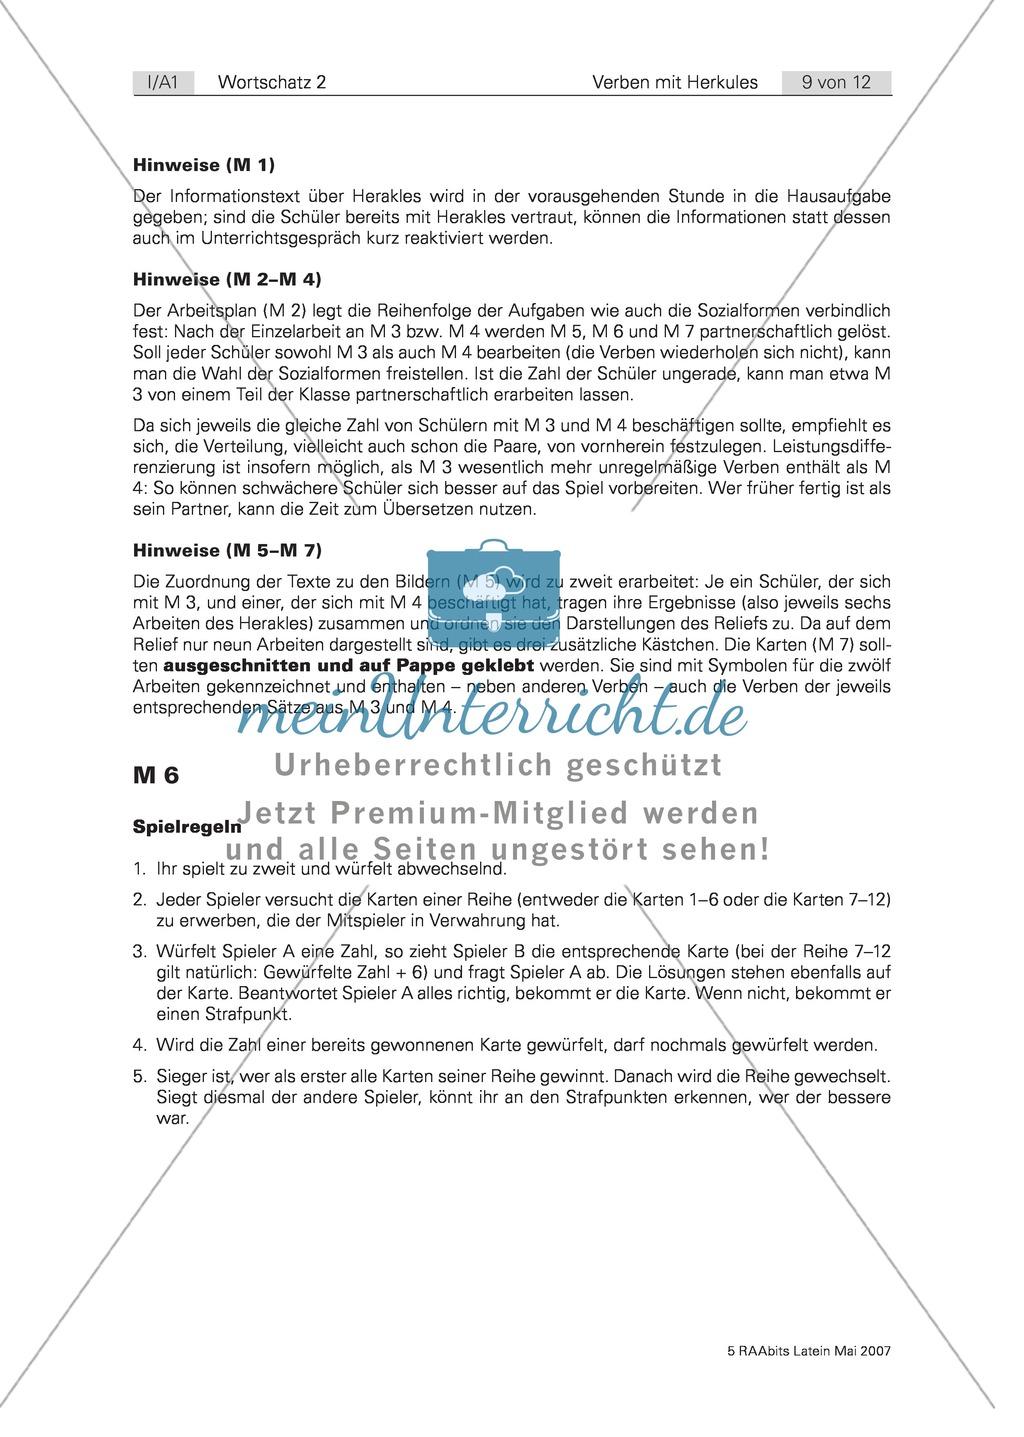 Herakles und seine zwölf Arbeiten: Ein Informationstext zum Mythos rund um Herakles mit Arbeitsplan und Hinweisen Preview 1